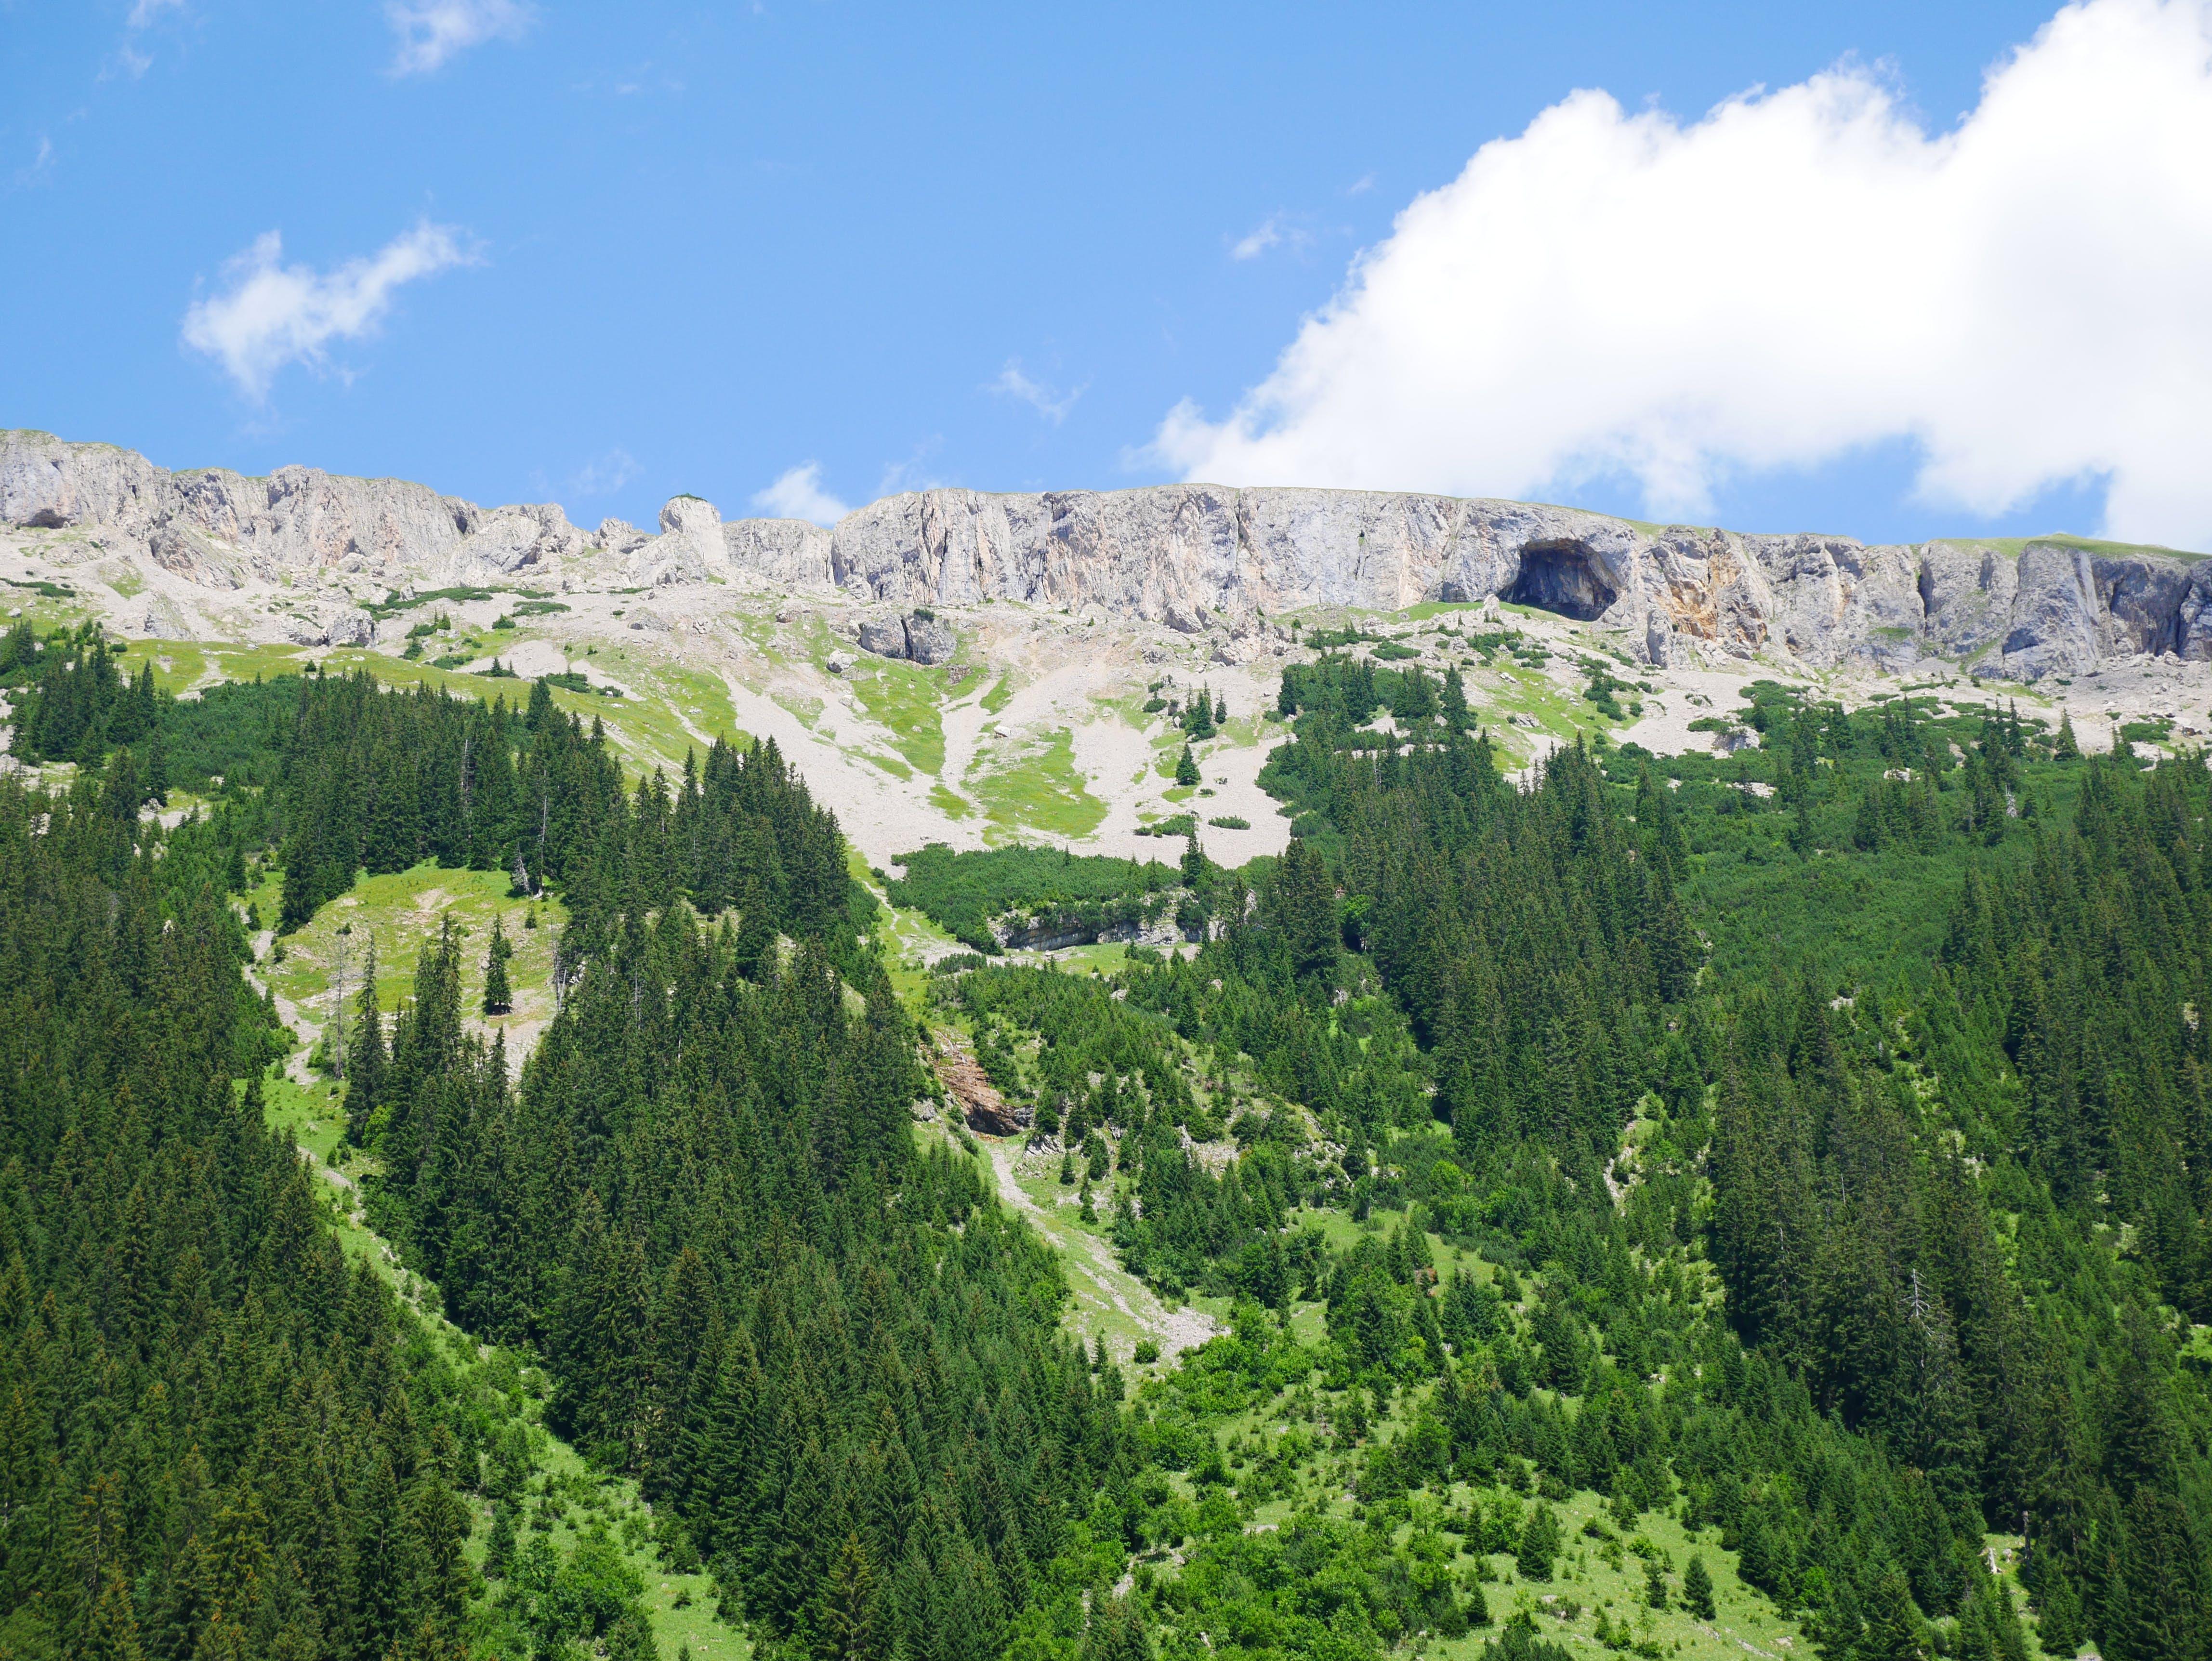 Foto stok gratis alam, gunung, gunung berbatu, hutan